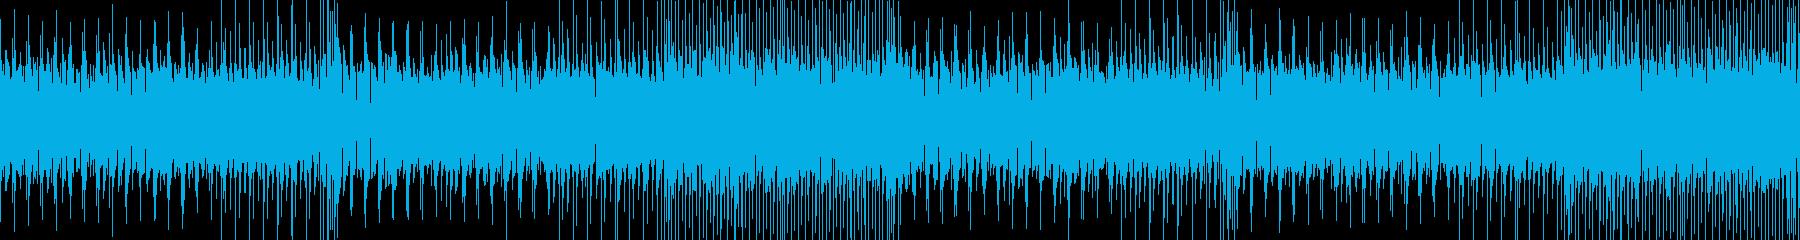 ケルト調の通常戦闘曲(主メロ抜き)の再生済みの波形